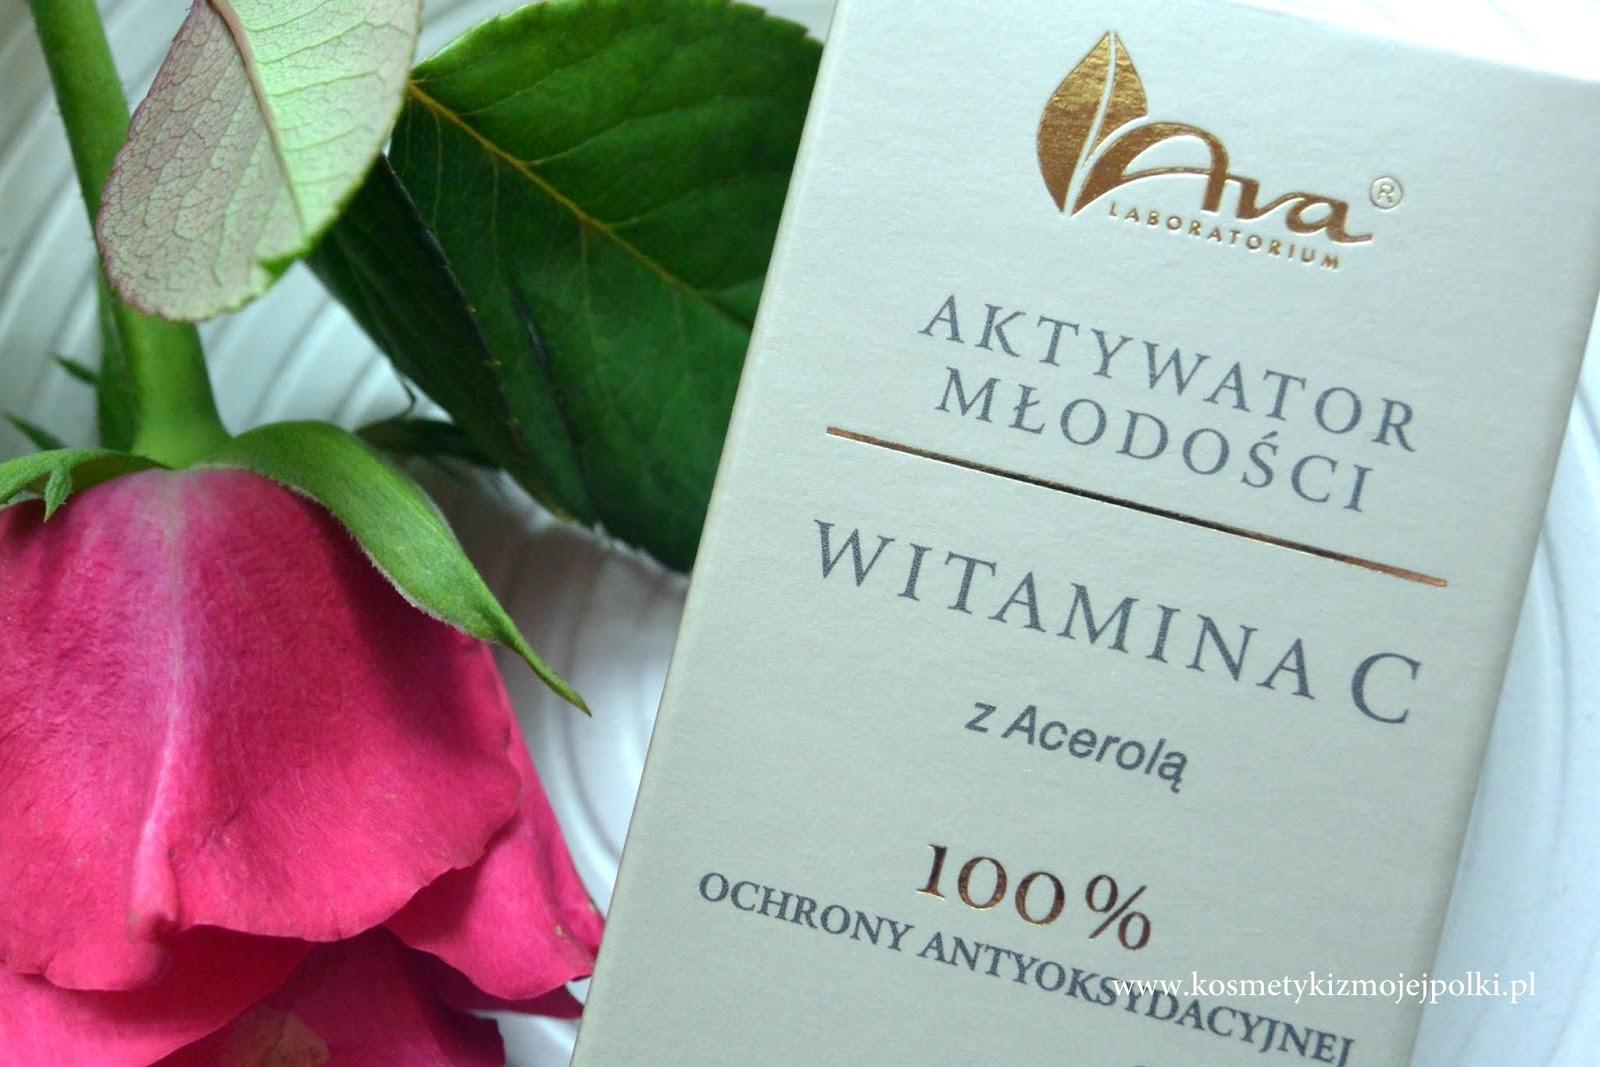 AKTYWATOR MŁODOŚCI WITAMINA C z Acerolą / 100% ochrony antyoksydacyjnej z AVA Laboratorium